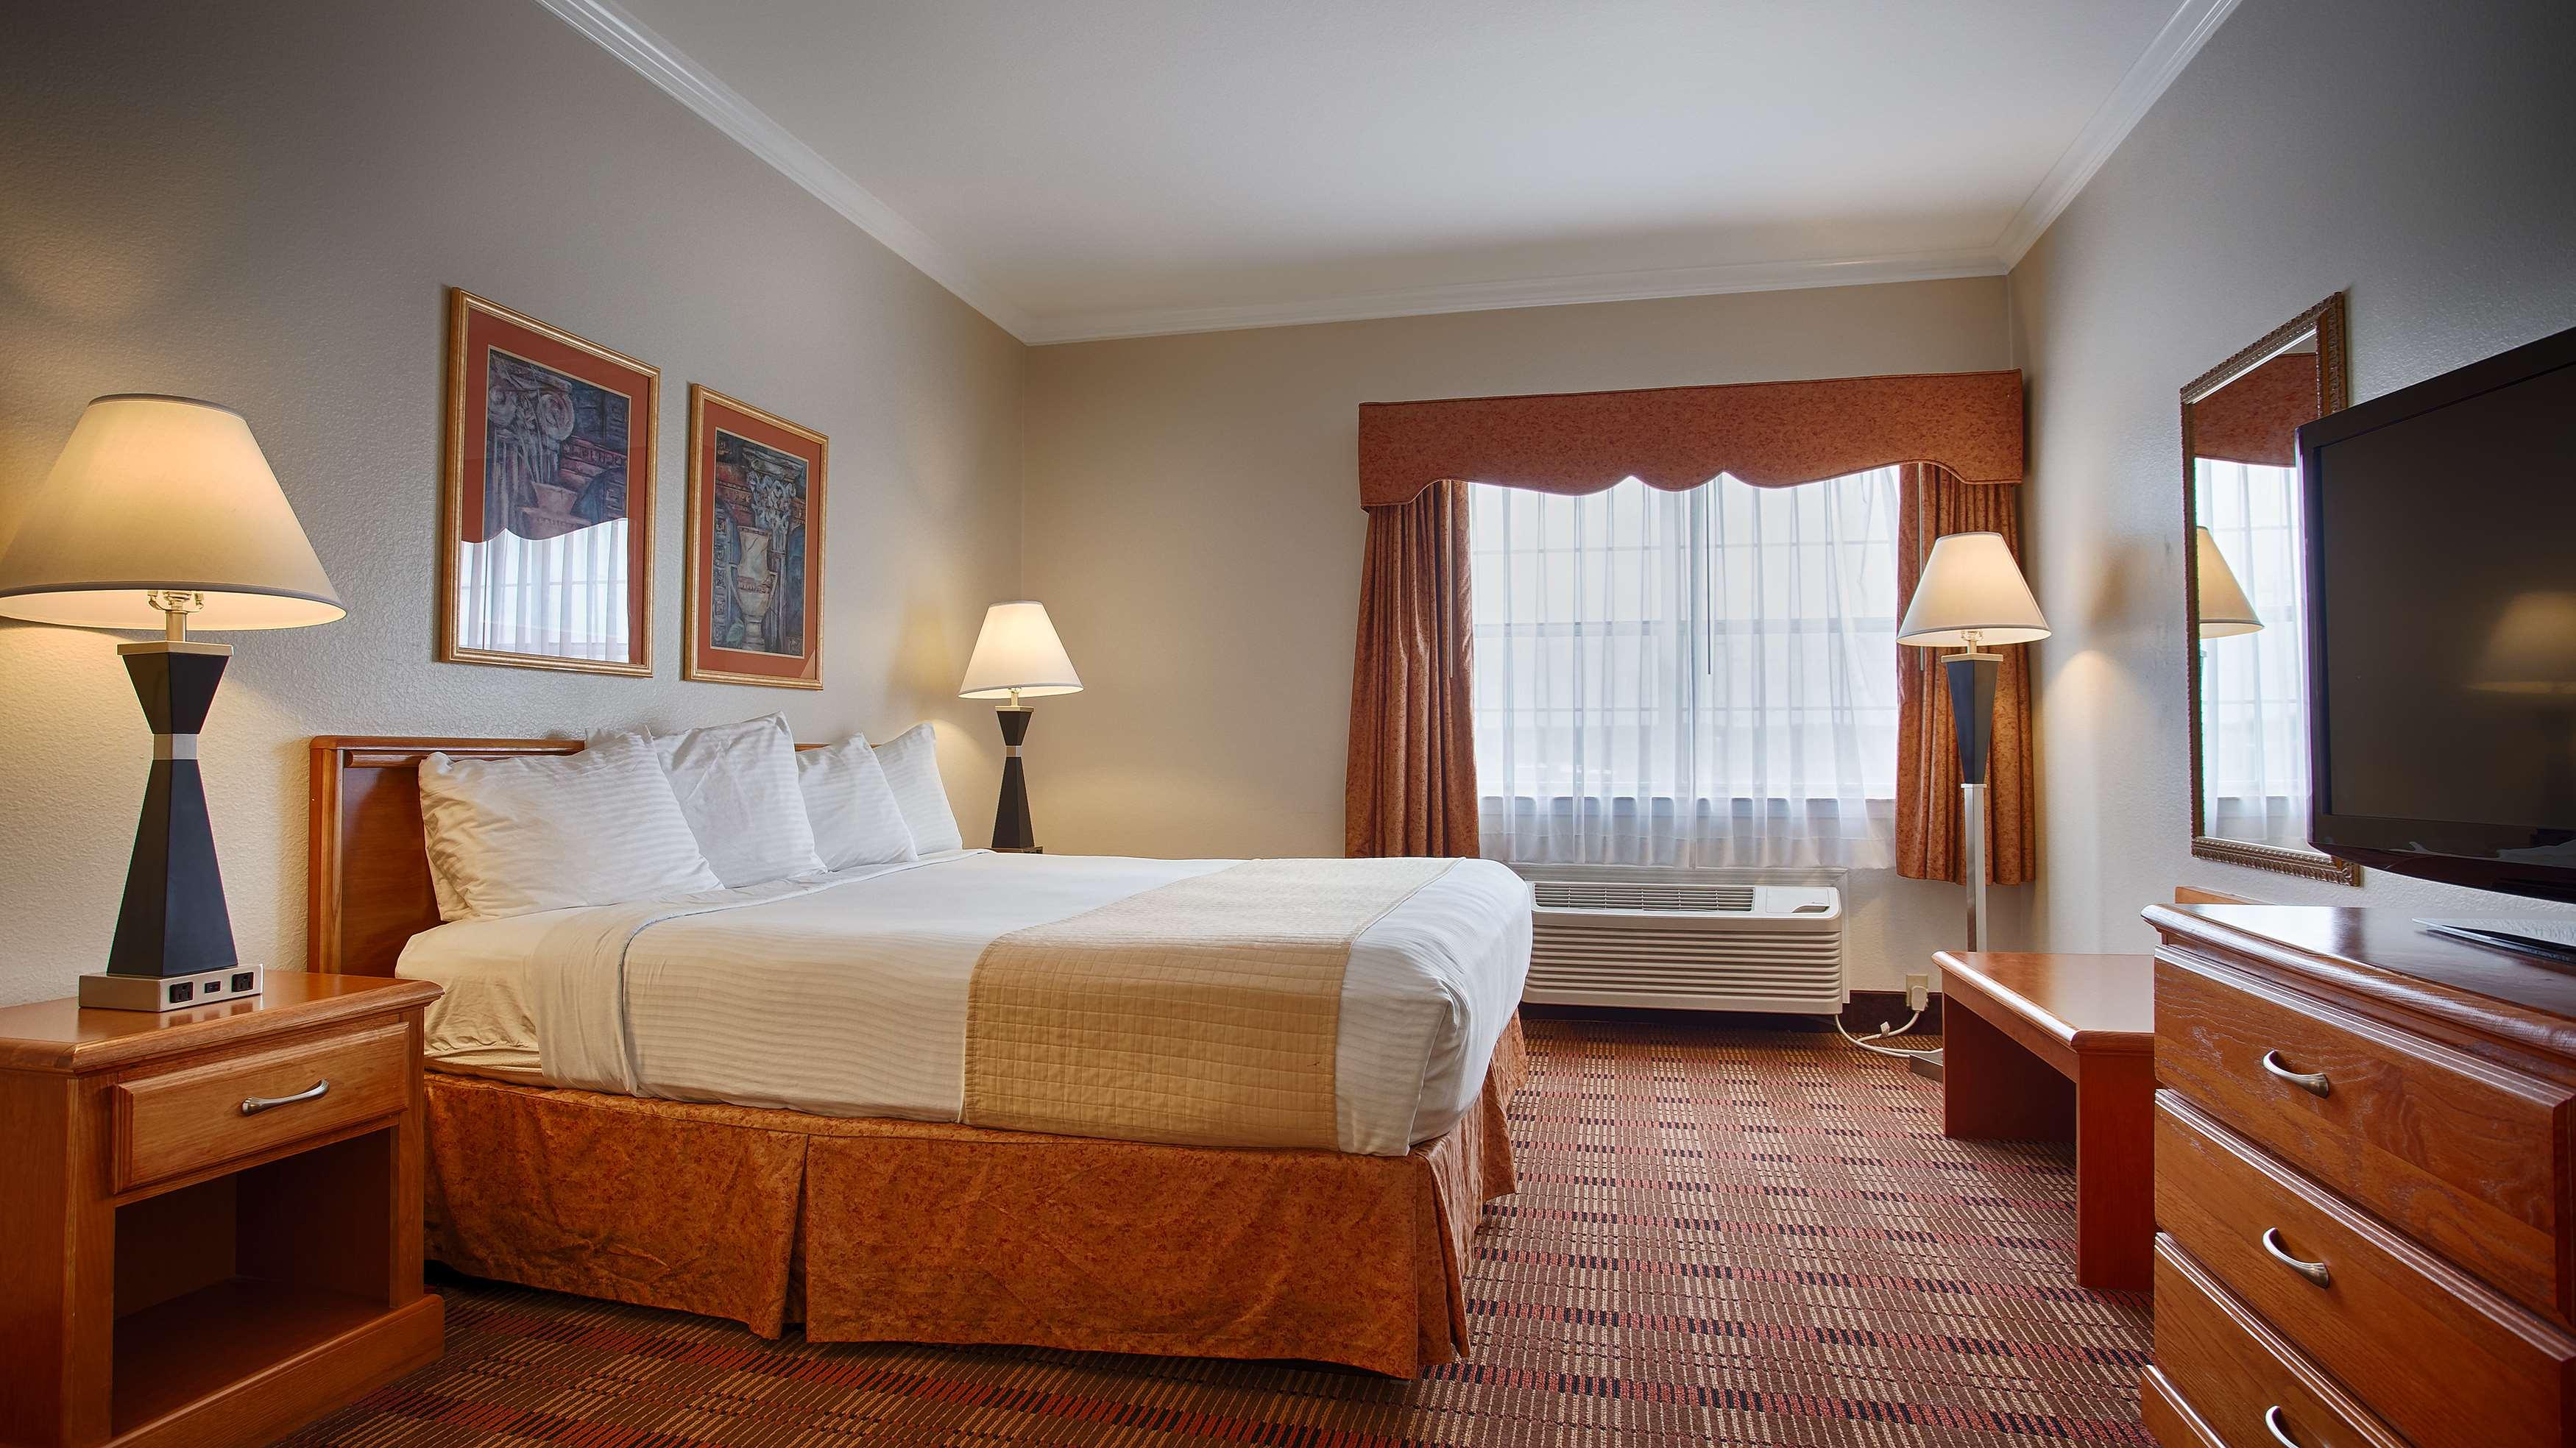 Best Western Club House Inn & Suites image 3